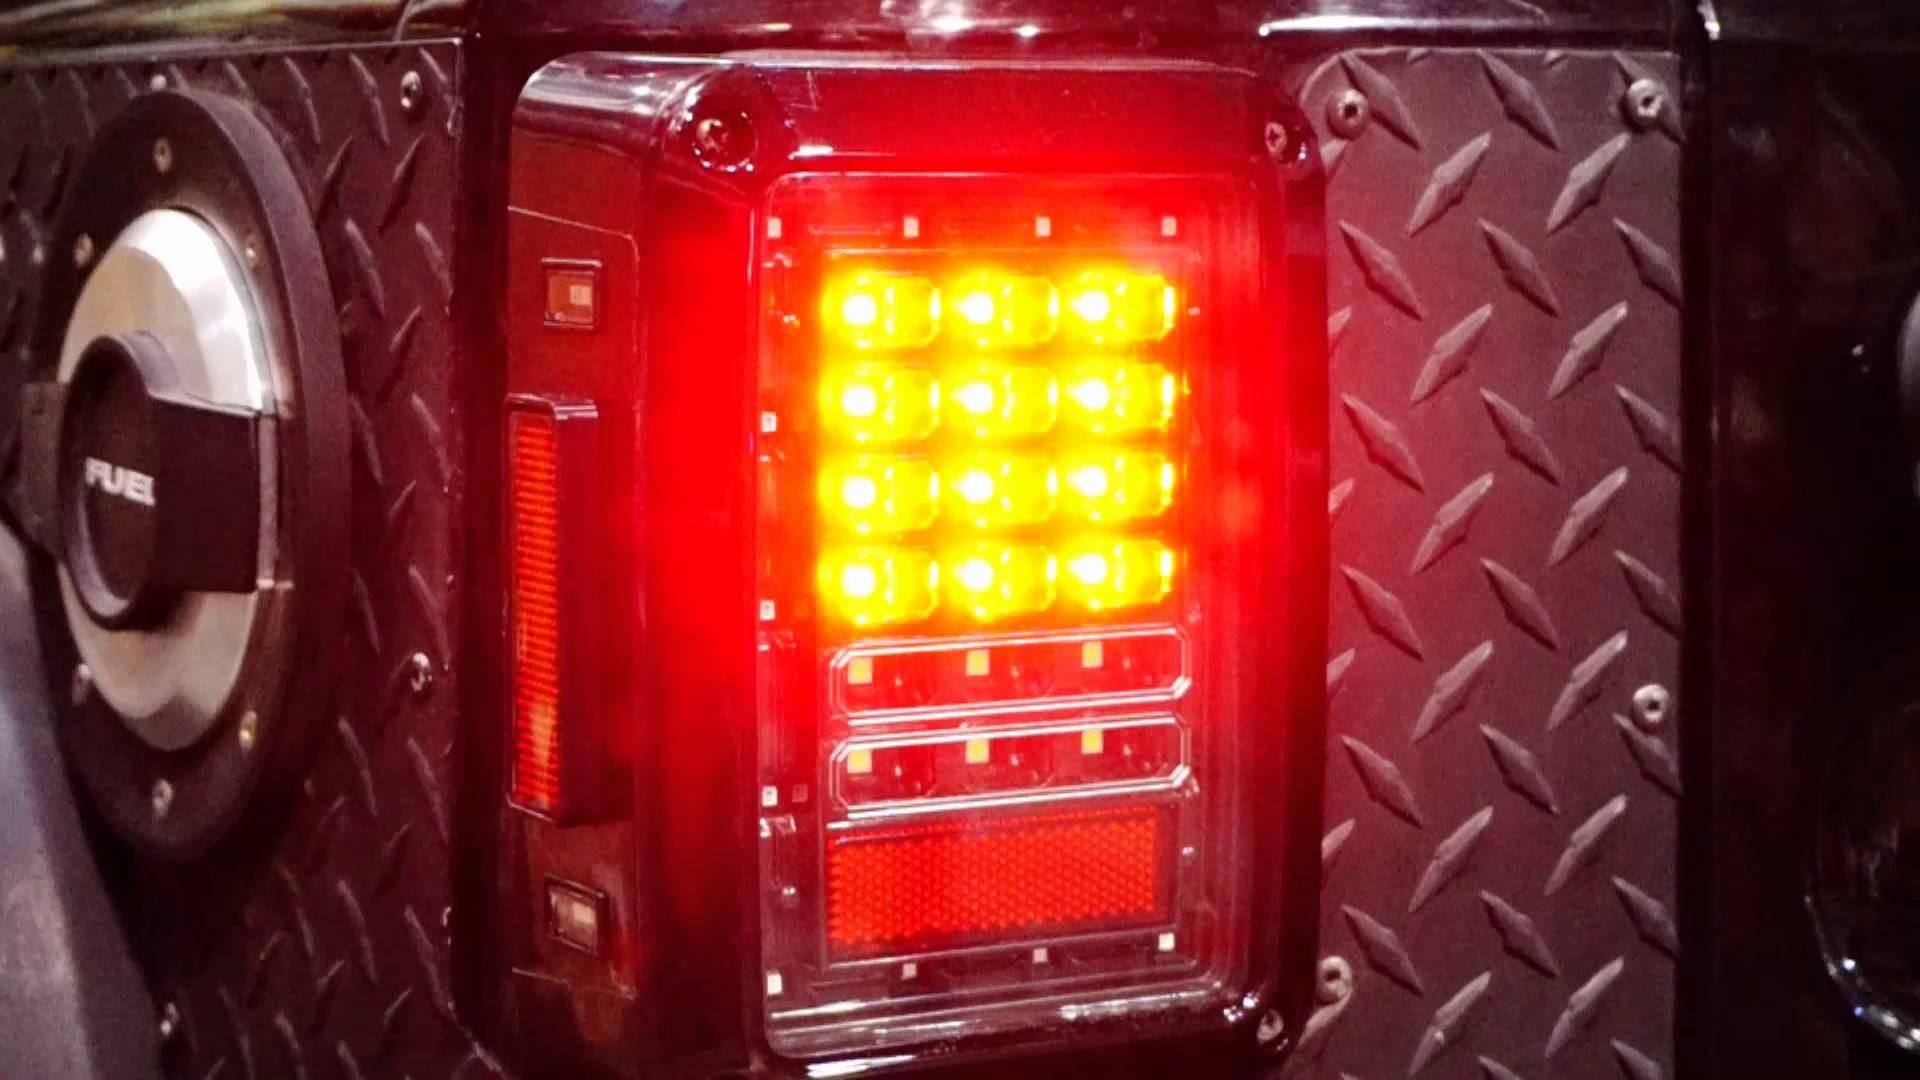 GENSSI LED Tail Lights Installation Guide For Jeep Wrangler JK 2007 2015